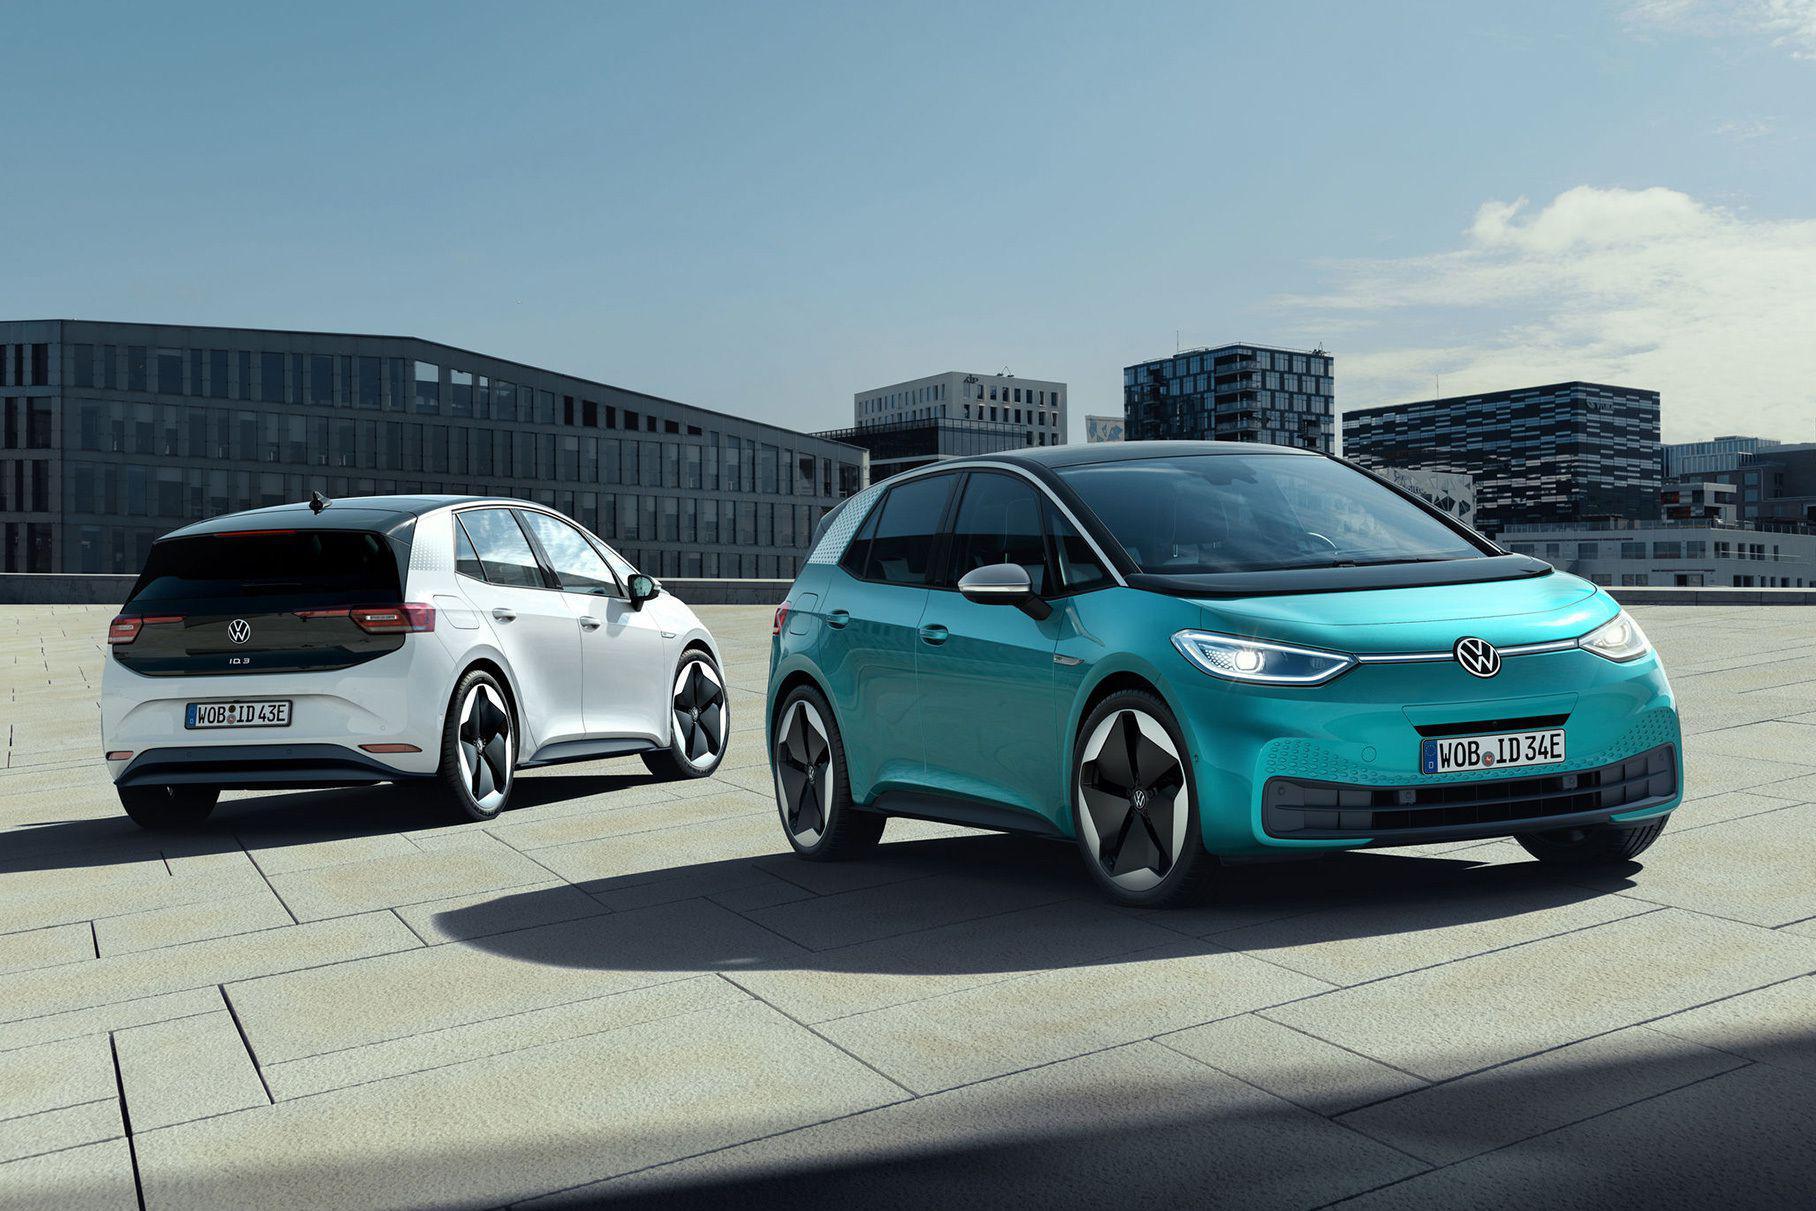 Концерн Volkswagen Group подсчитал стоимость владения электрокарами и автомобилями с традиционными двигателями внутреннего сгорания. На основе анализа немцы сделали вывод, что уже электрокары следующего поколения будут стоить столько же, сколько и обычные авто.